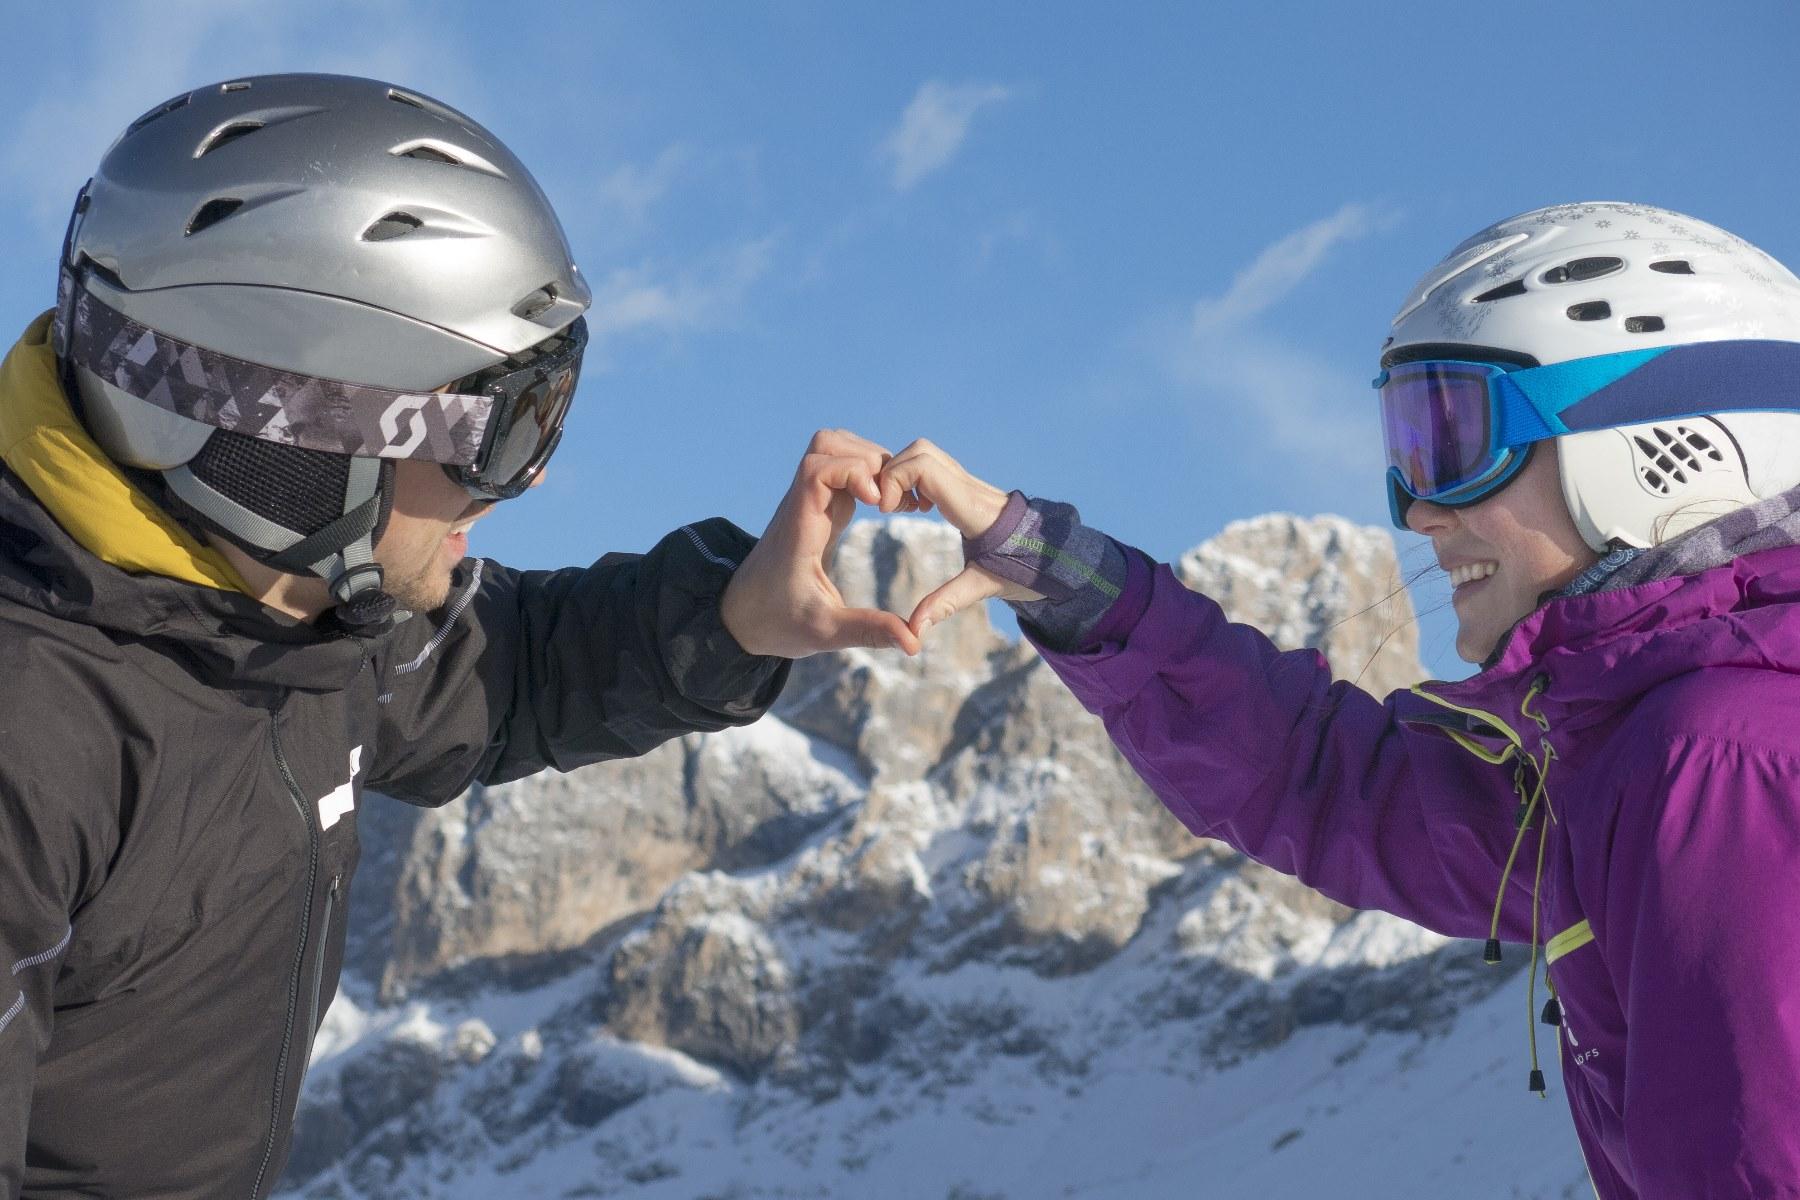 Wintersport für Südtiroler ab Weihnachten ermöglichen